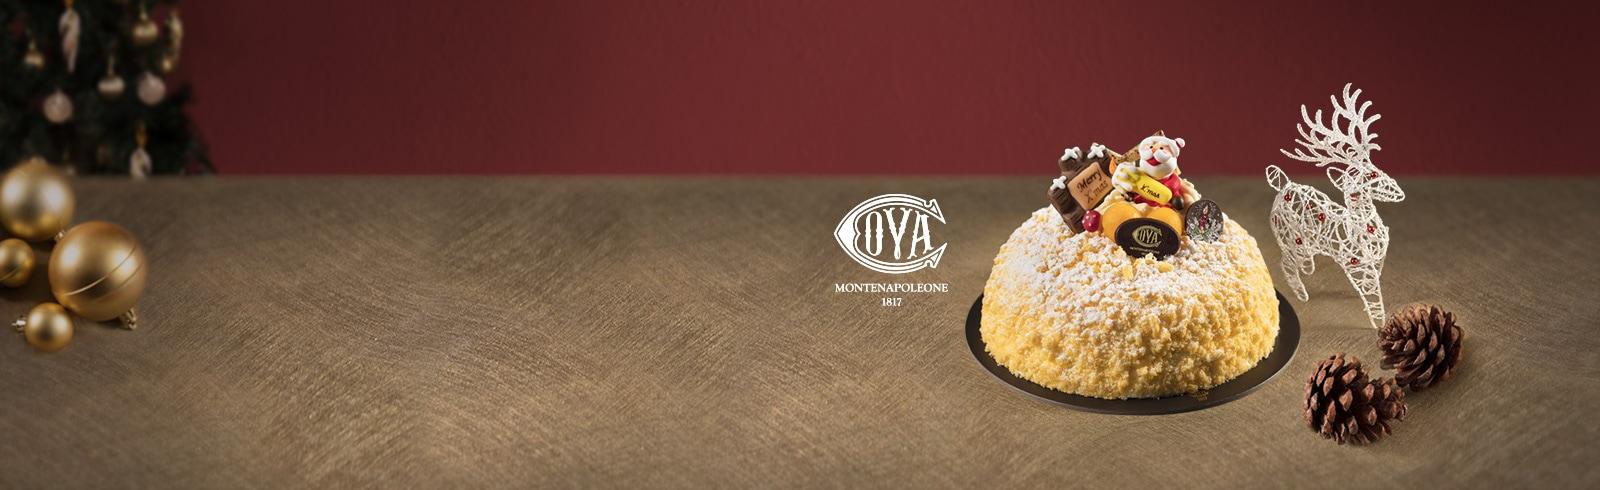 COVA 滋味優惠低至8折